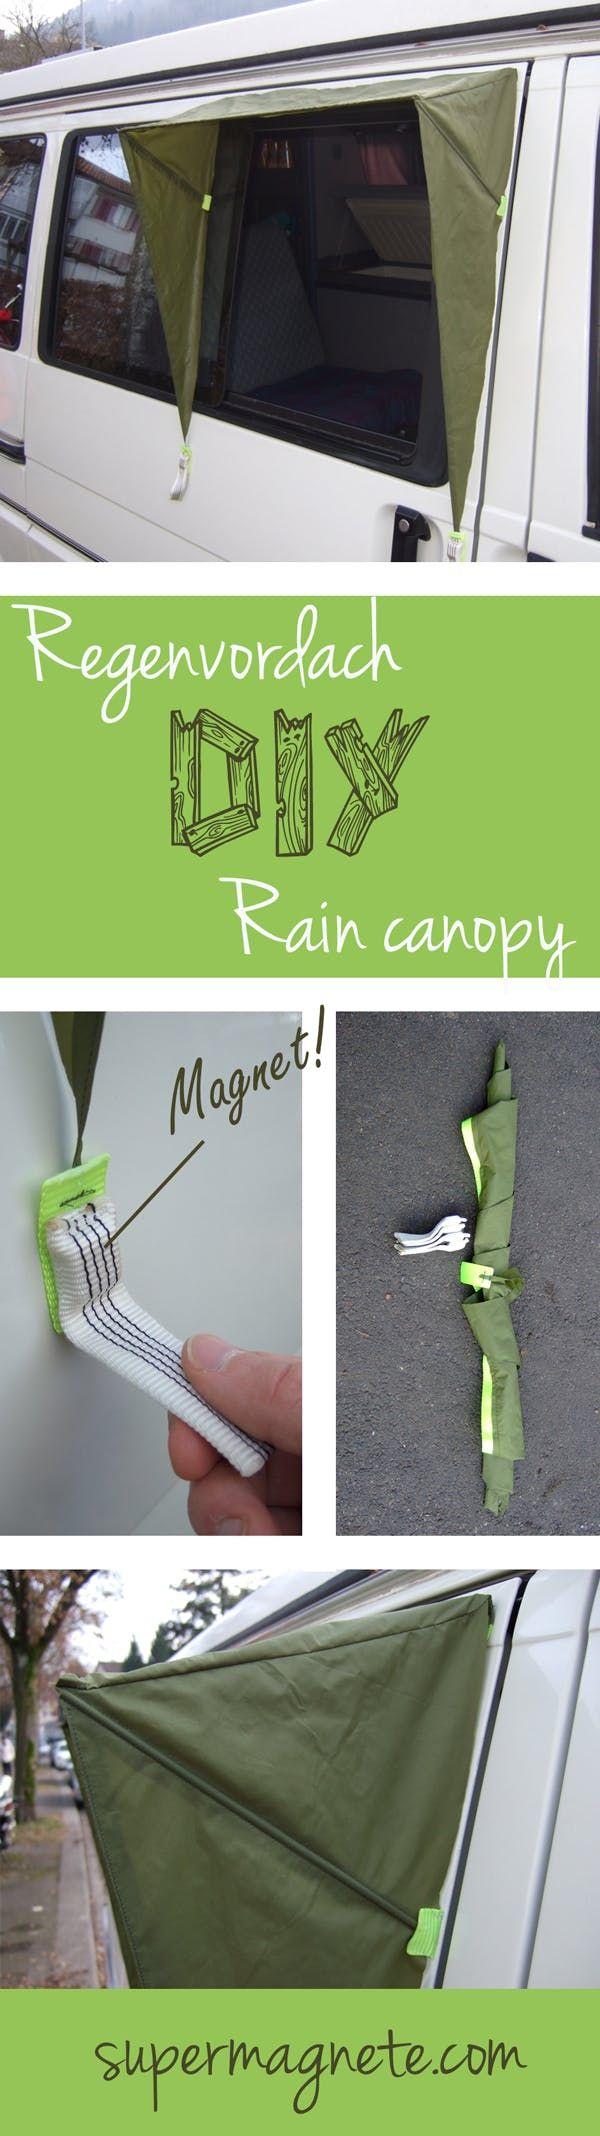 Regenvordach fürs Wohnmobil - Magnet-Anwendungen - supermagnete #wohnwagen